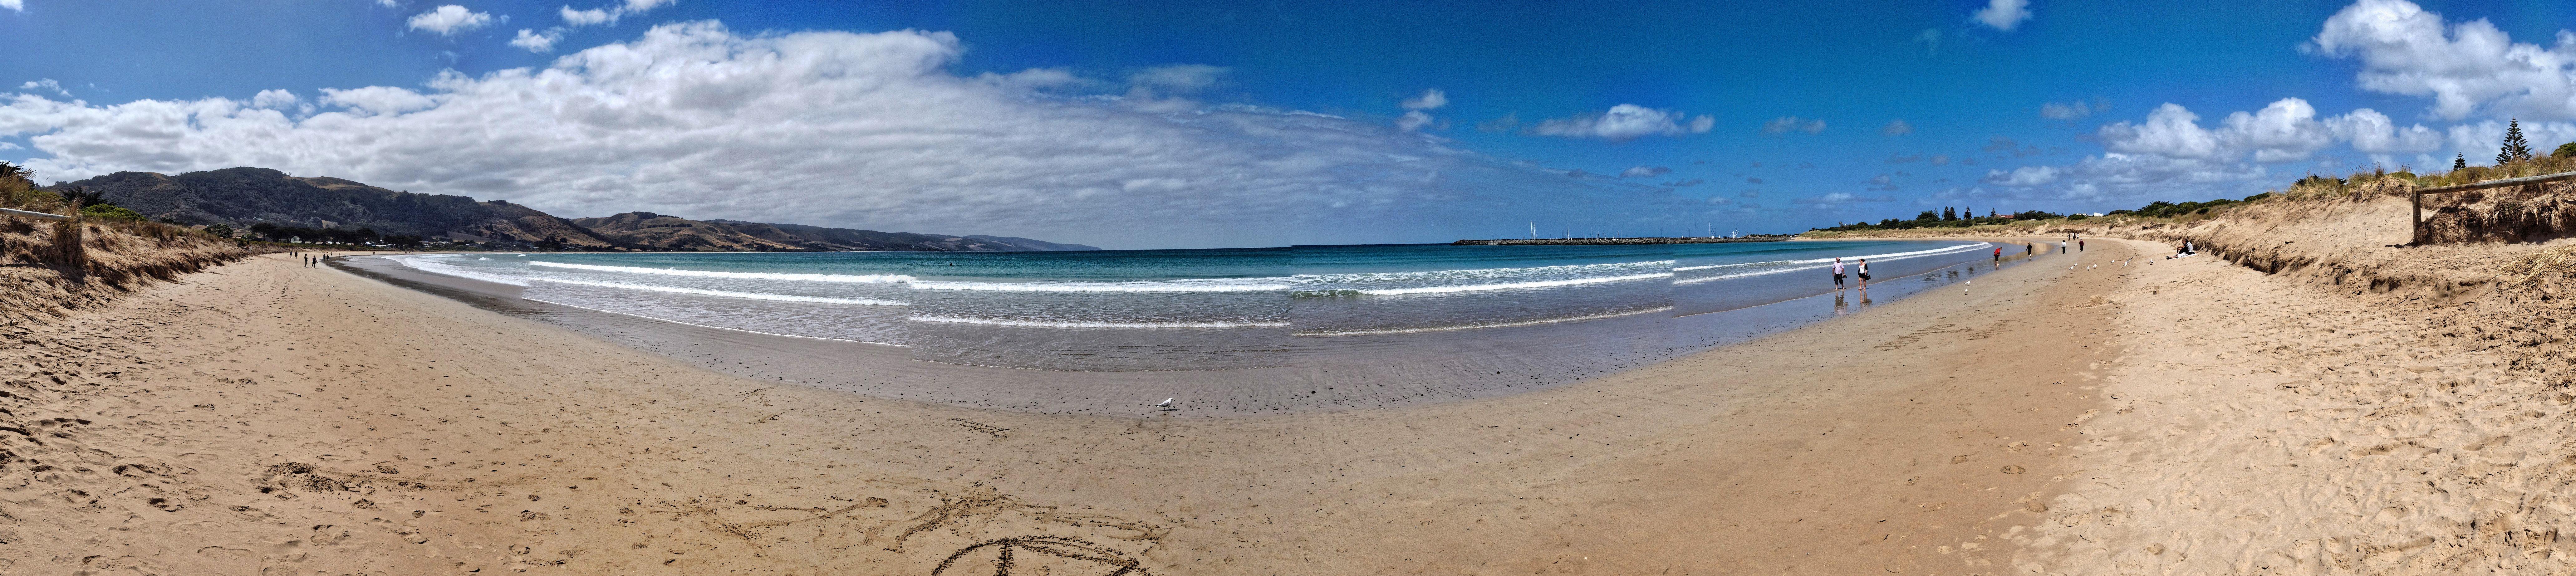 Apollo-Bay-beach.jpeg